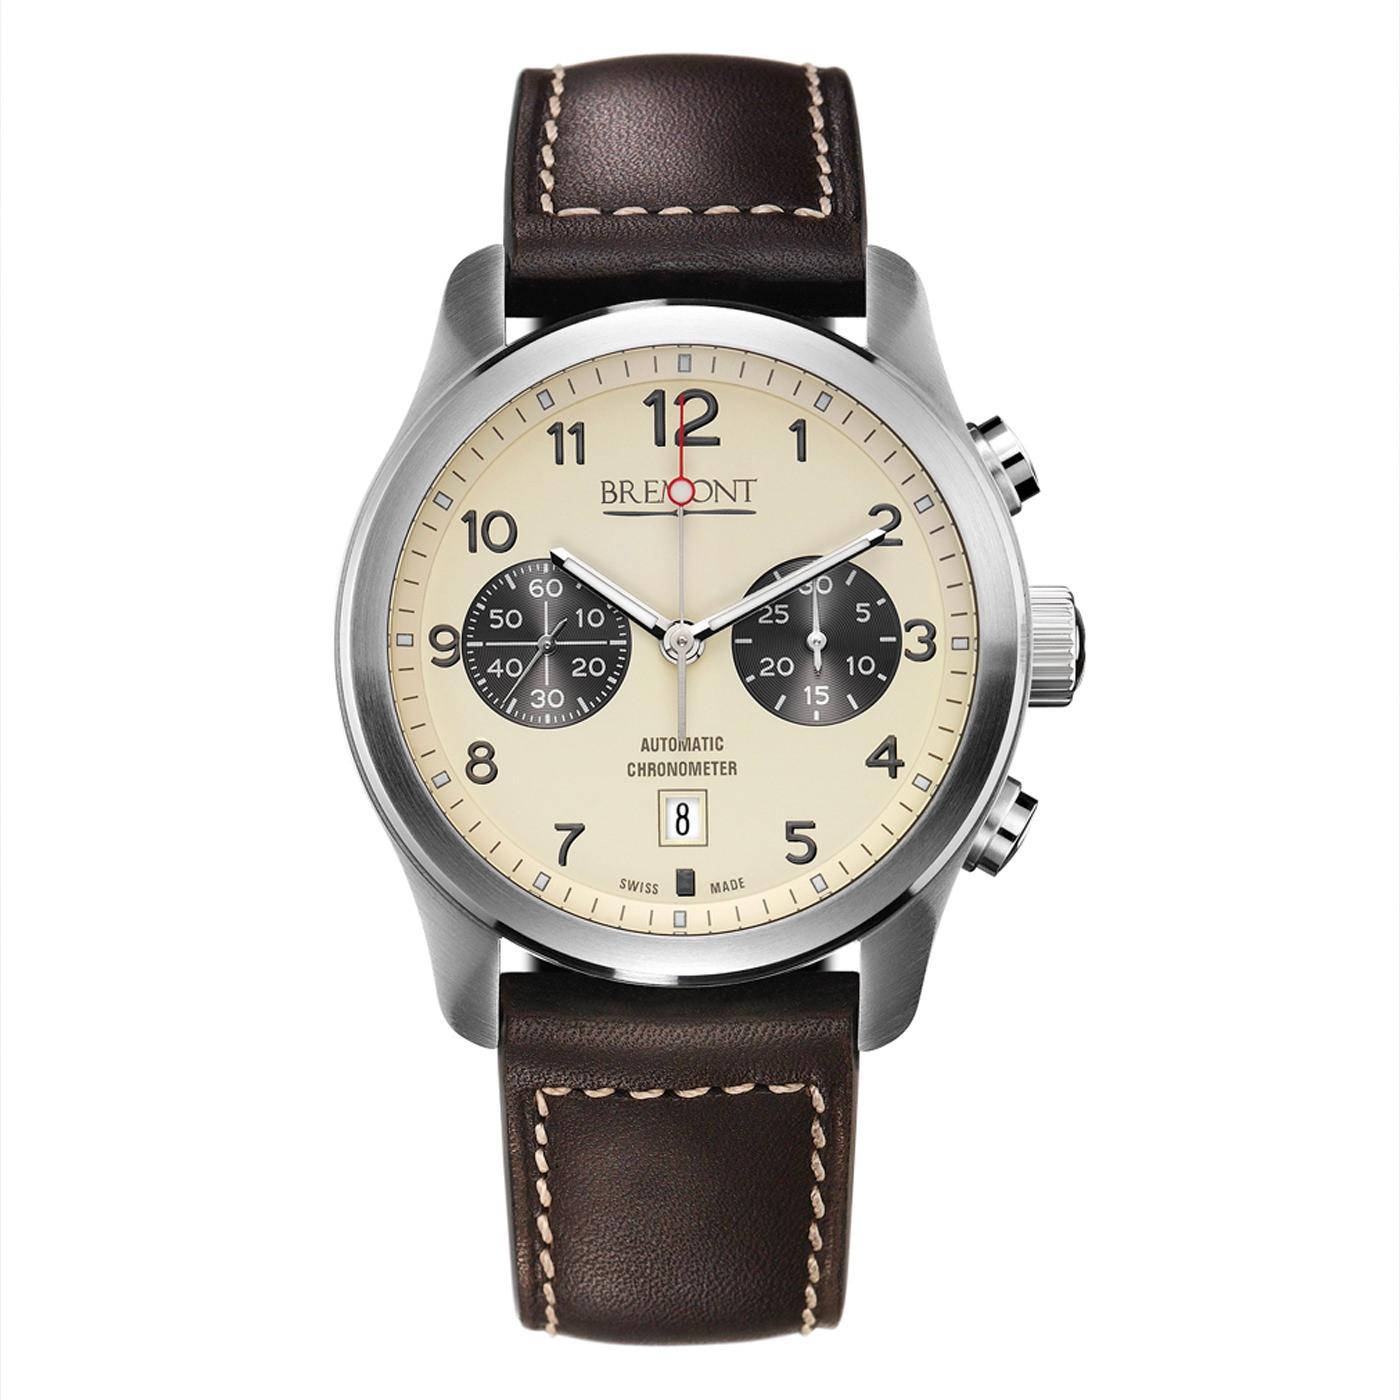 Style Mr Porter Montre Bremont ALT1 Classic Automatic Chronograph 43mm